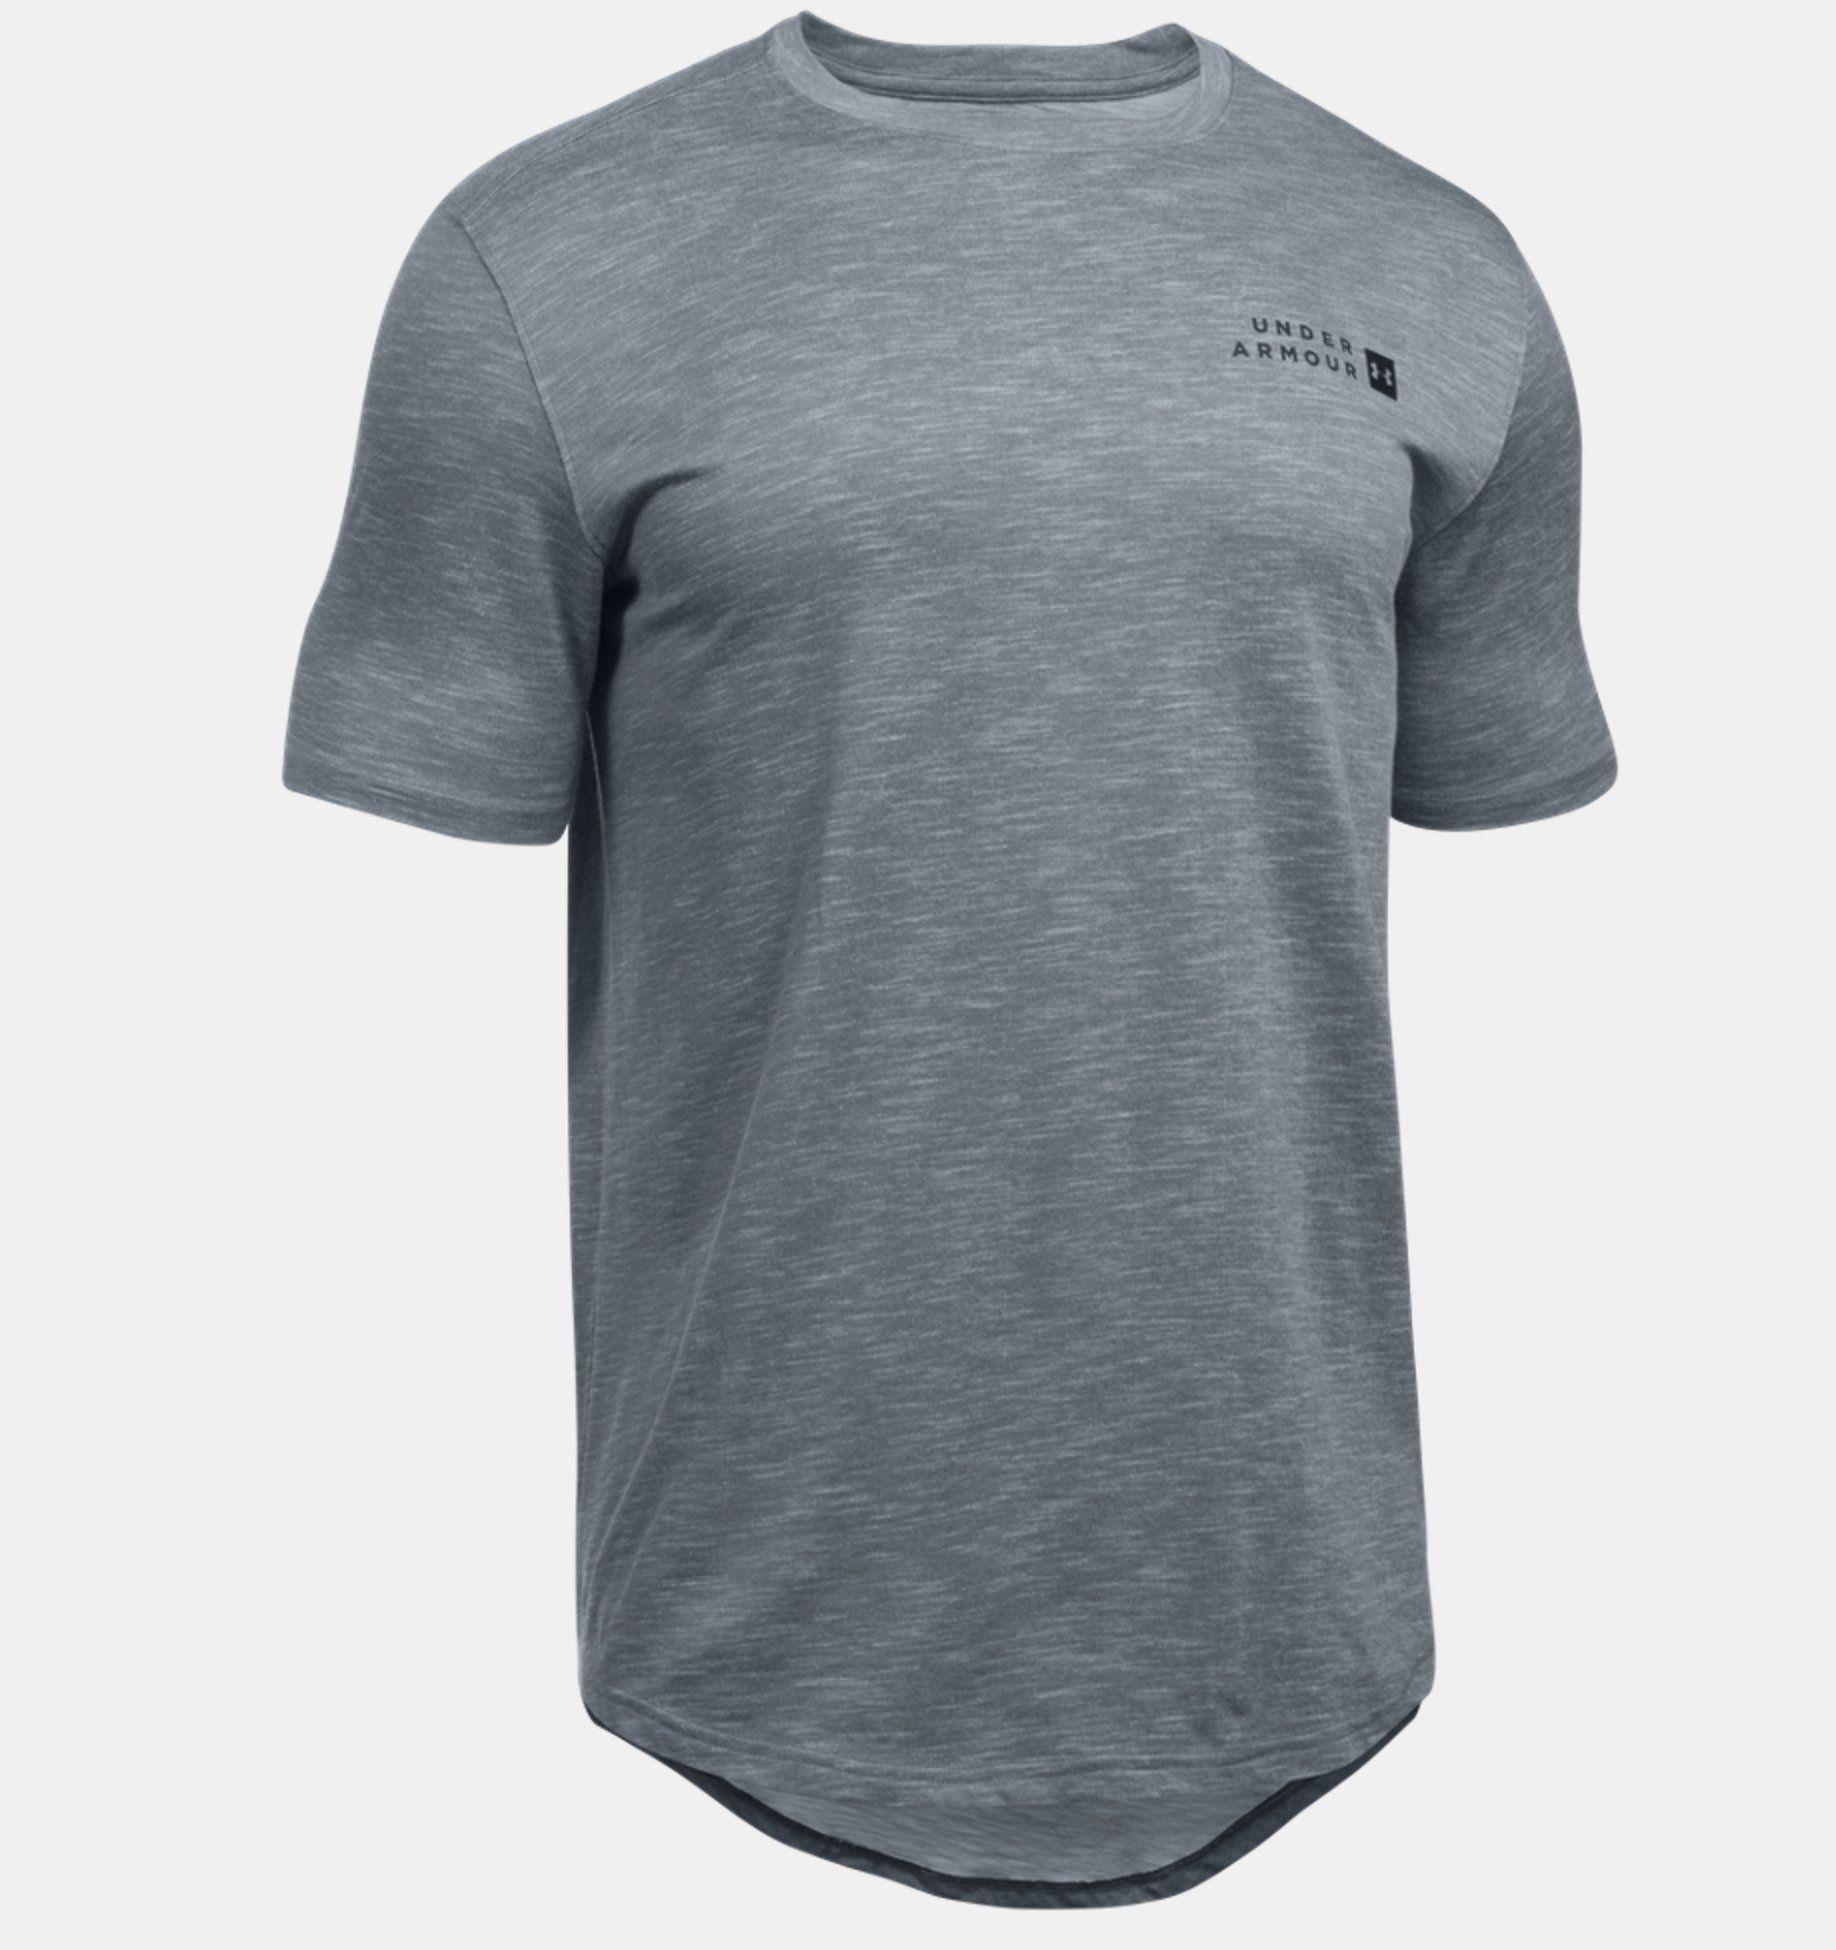 d2483d084 Camiseta Masculina Under Armour Sportstyle - BRACIA SHOP: Loja de ...